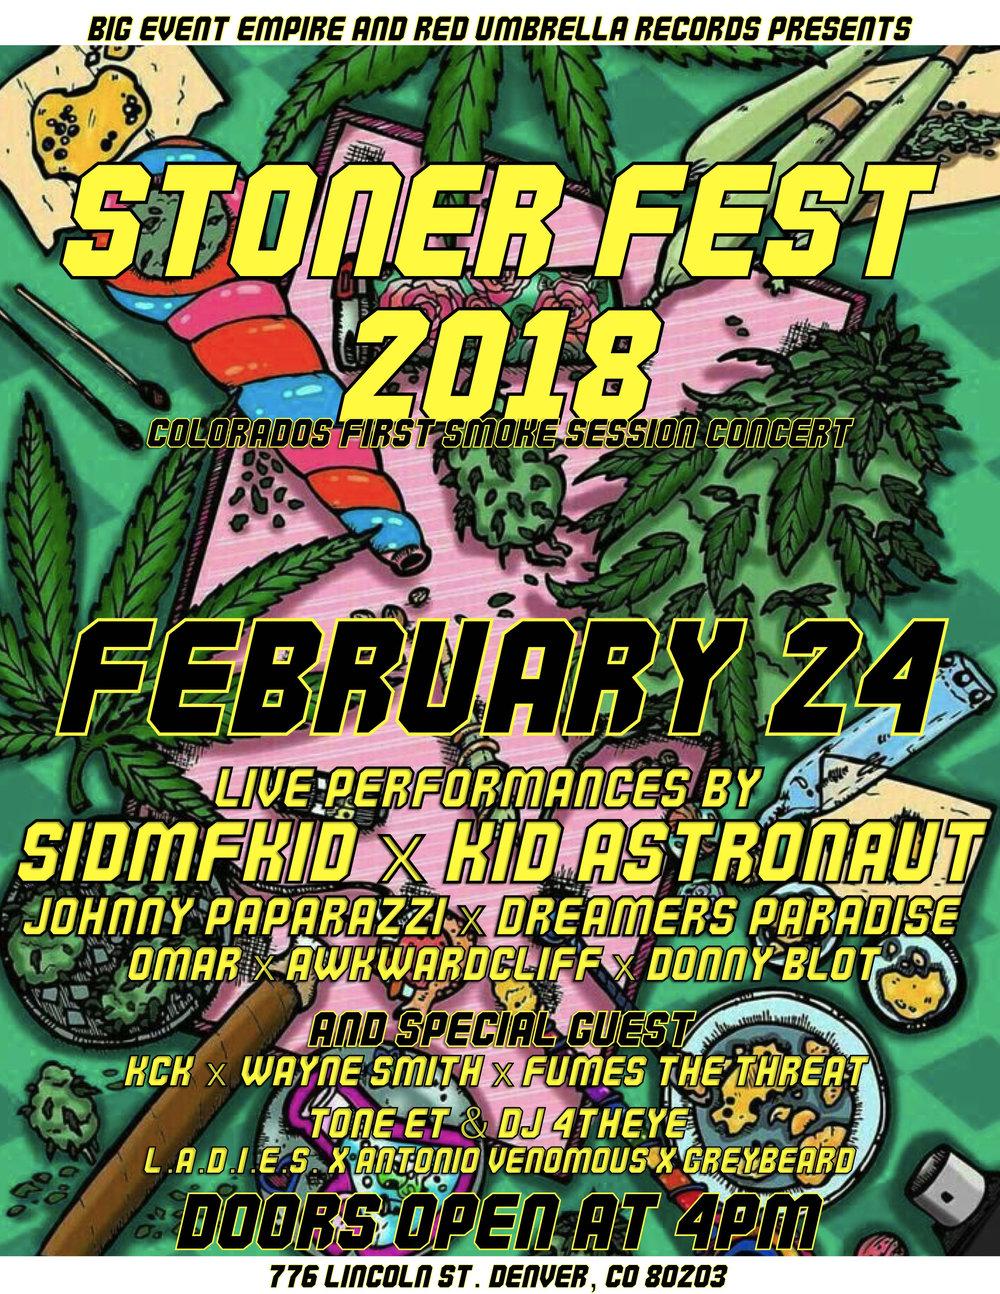 Stoner Fest 2018